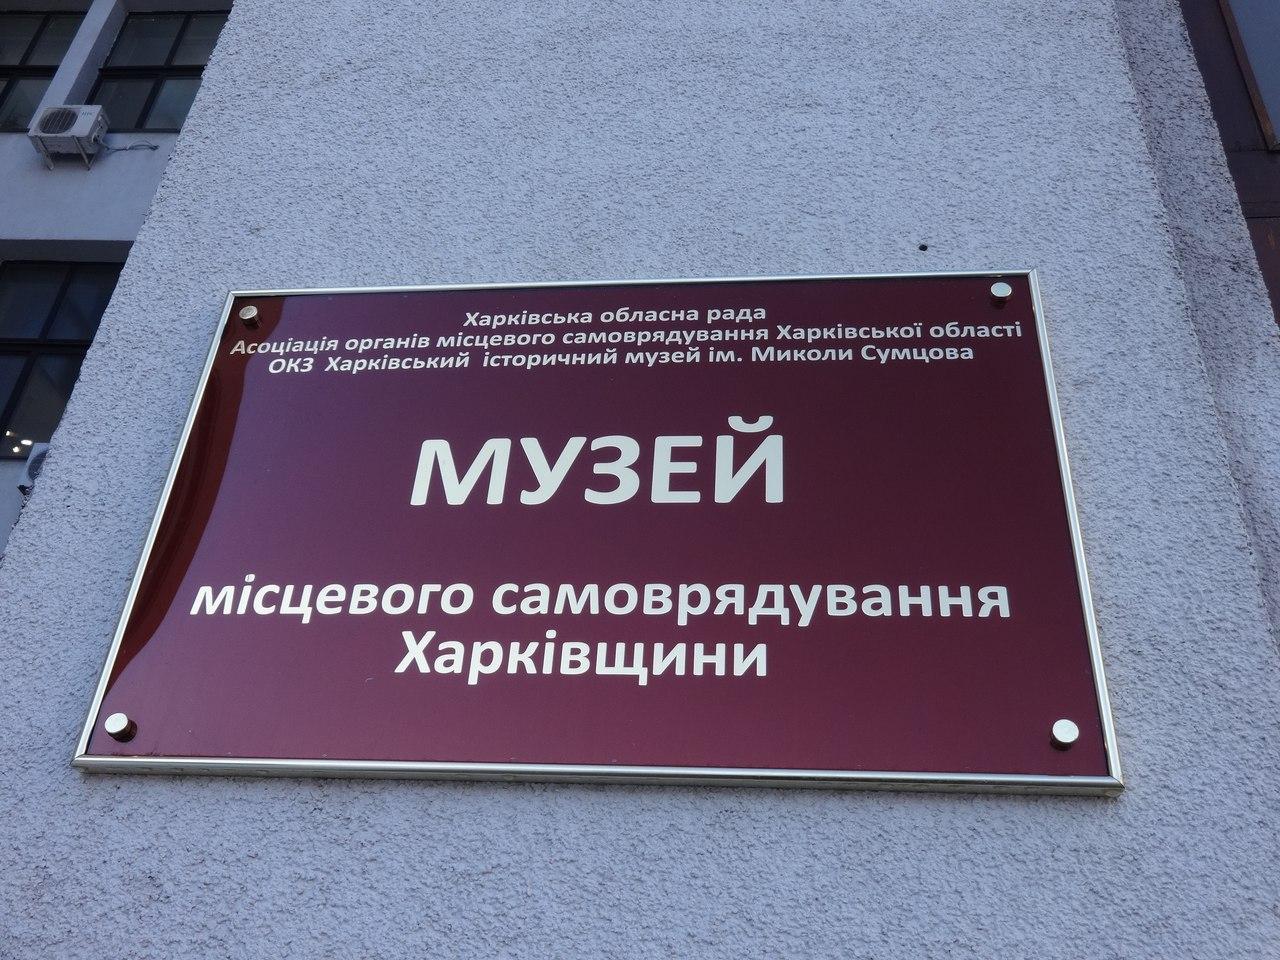 Музей-призрак обосновался в Харькове (ФОТО)